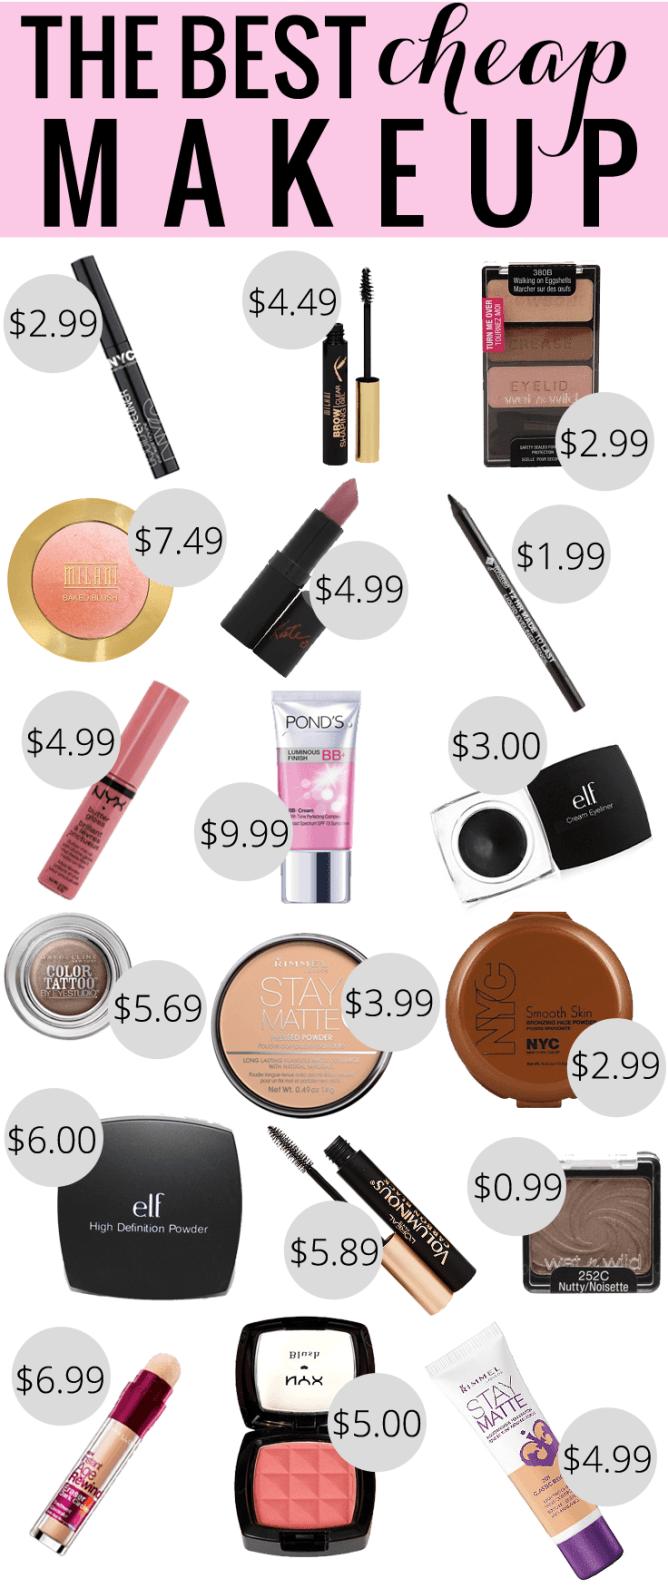 The Best Cheap Makeup Best drugstore makeup, Best cheap